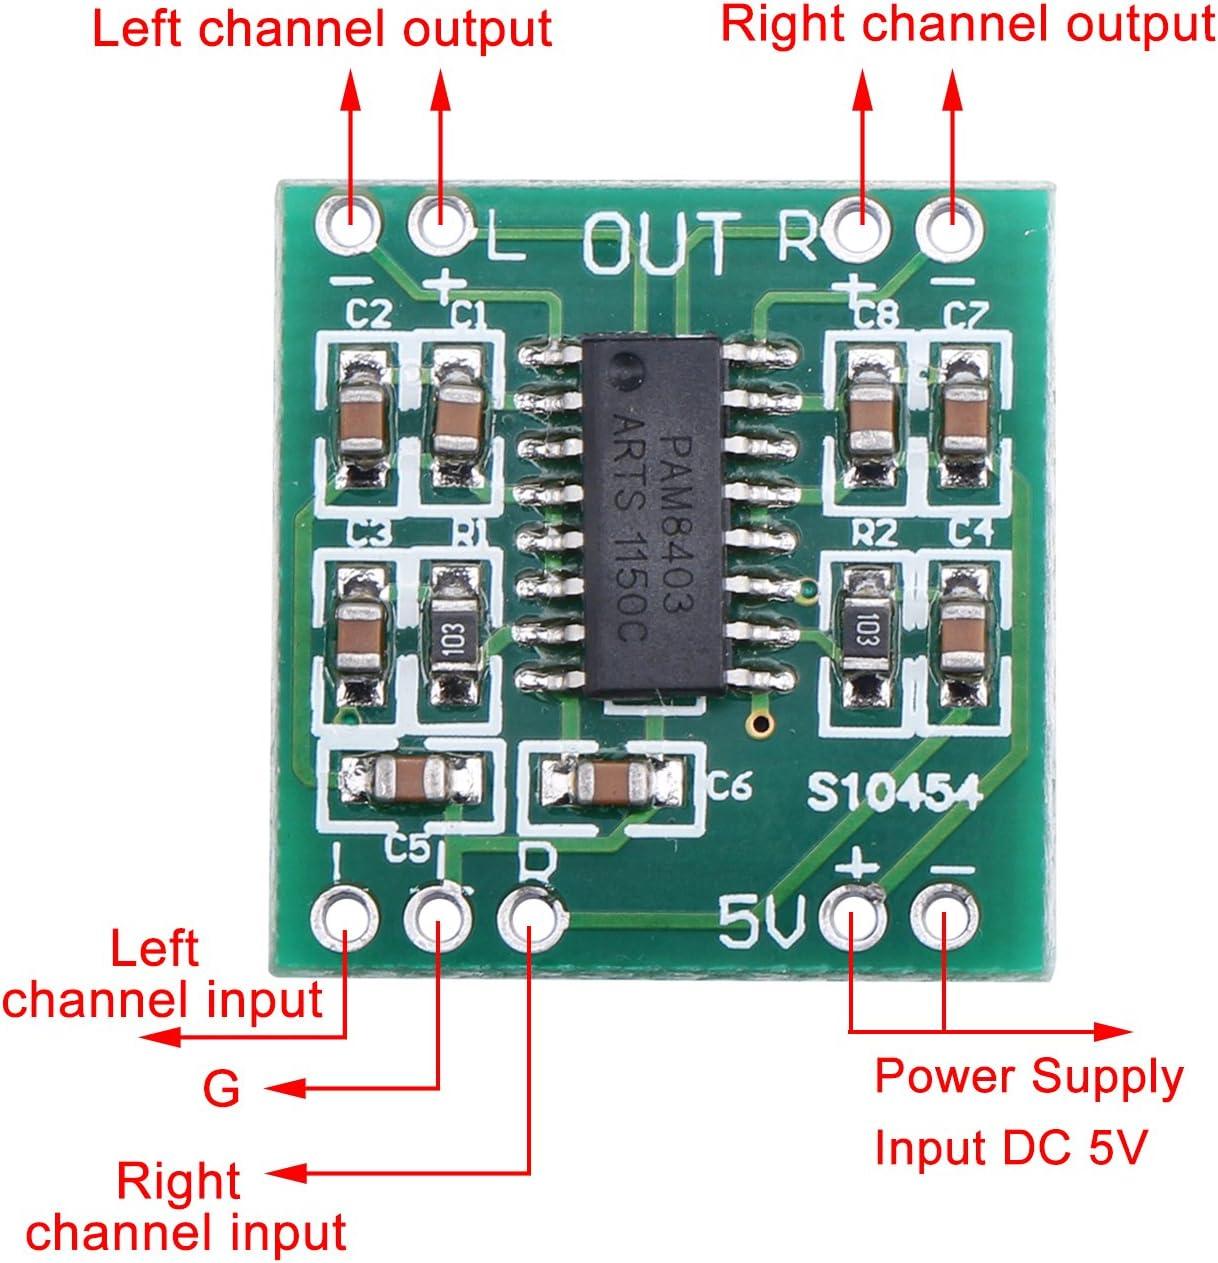 iHaospace 5X PAM8403 Stereo Amplifiers Super Mini 5V Digital Amplifier Board 3W+3W DC 5V Audio Amplifier Handy Digital Power Amp Module TE664